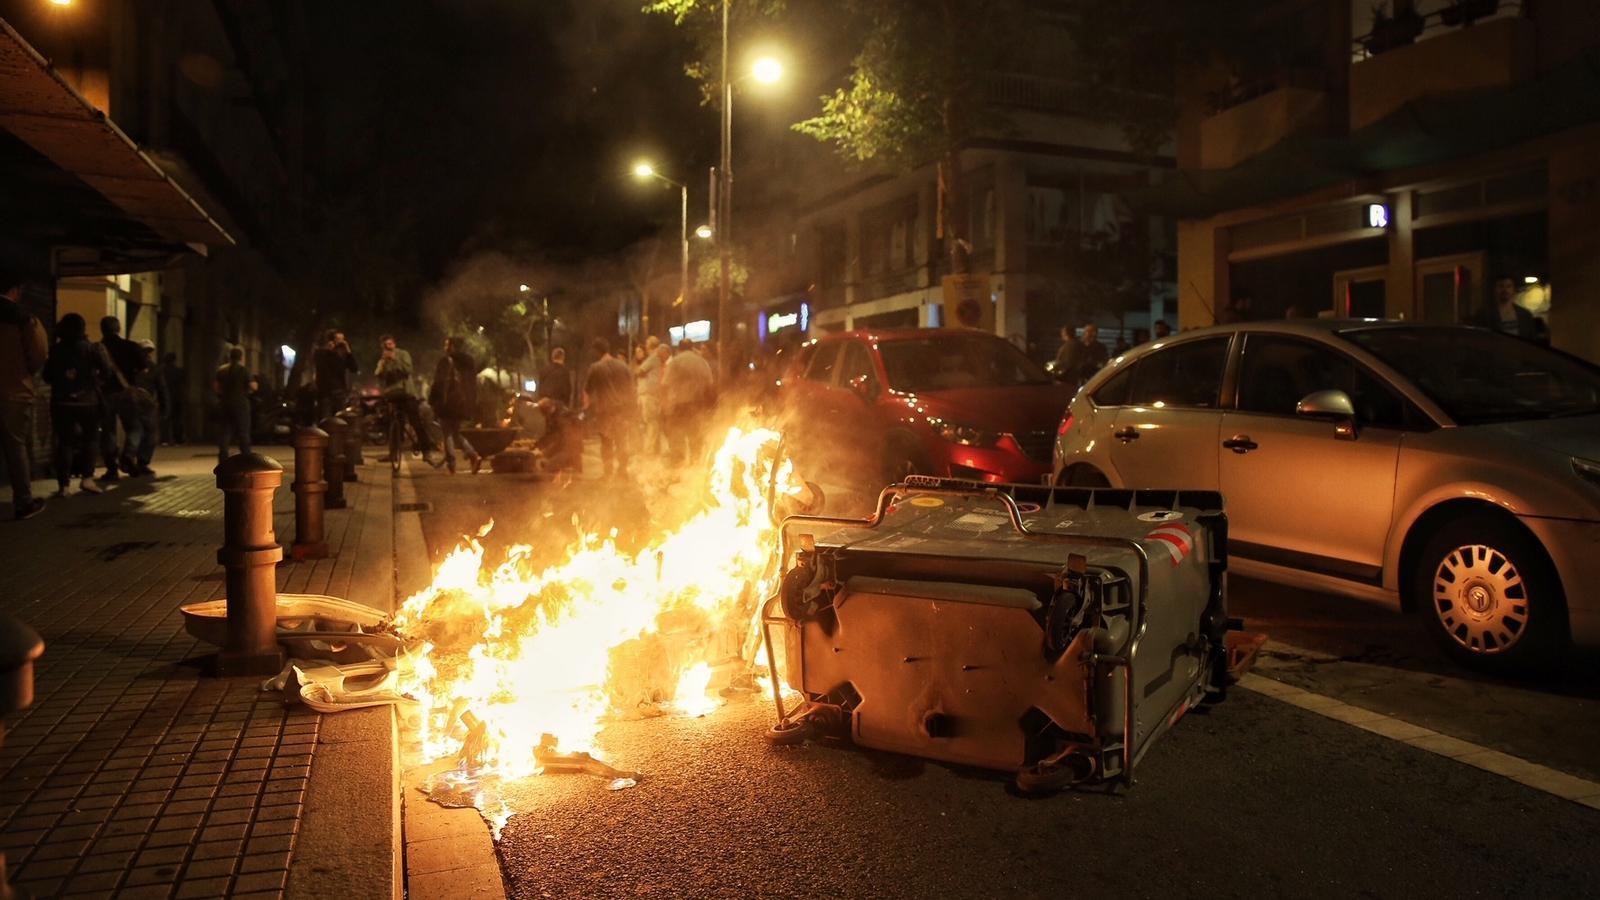 Els manifestants han cremat contenidors en protesta pel desallotjament de Ca La Trava / PERE VIRGILI